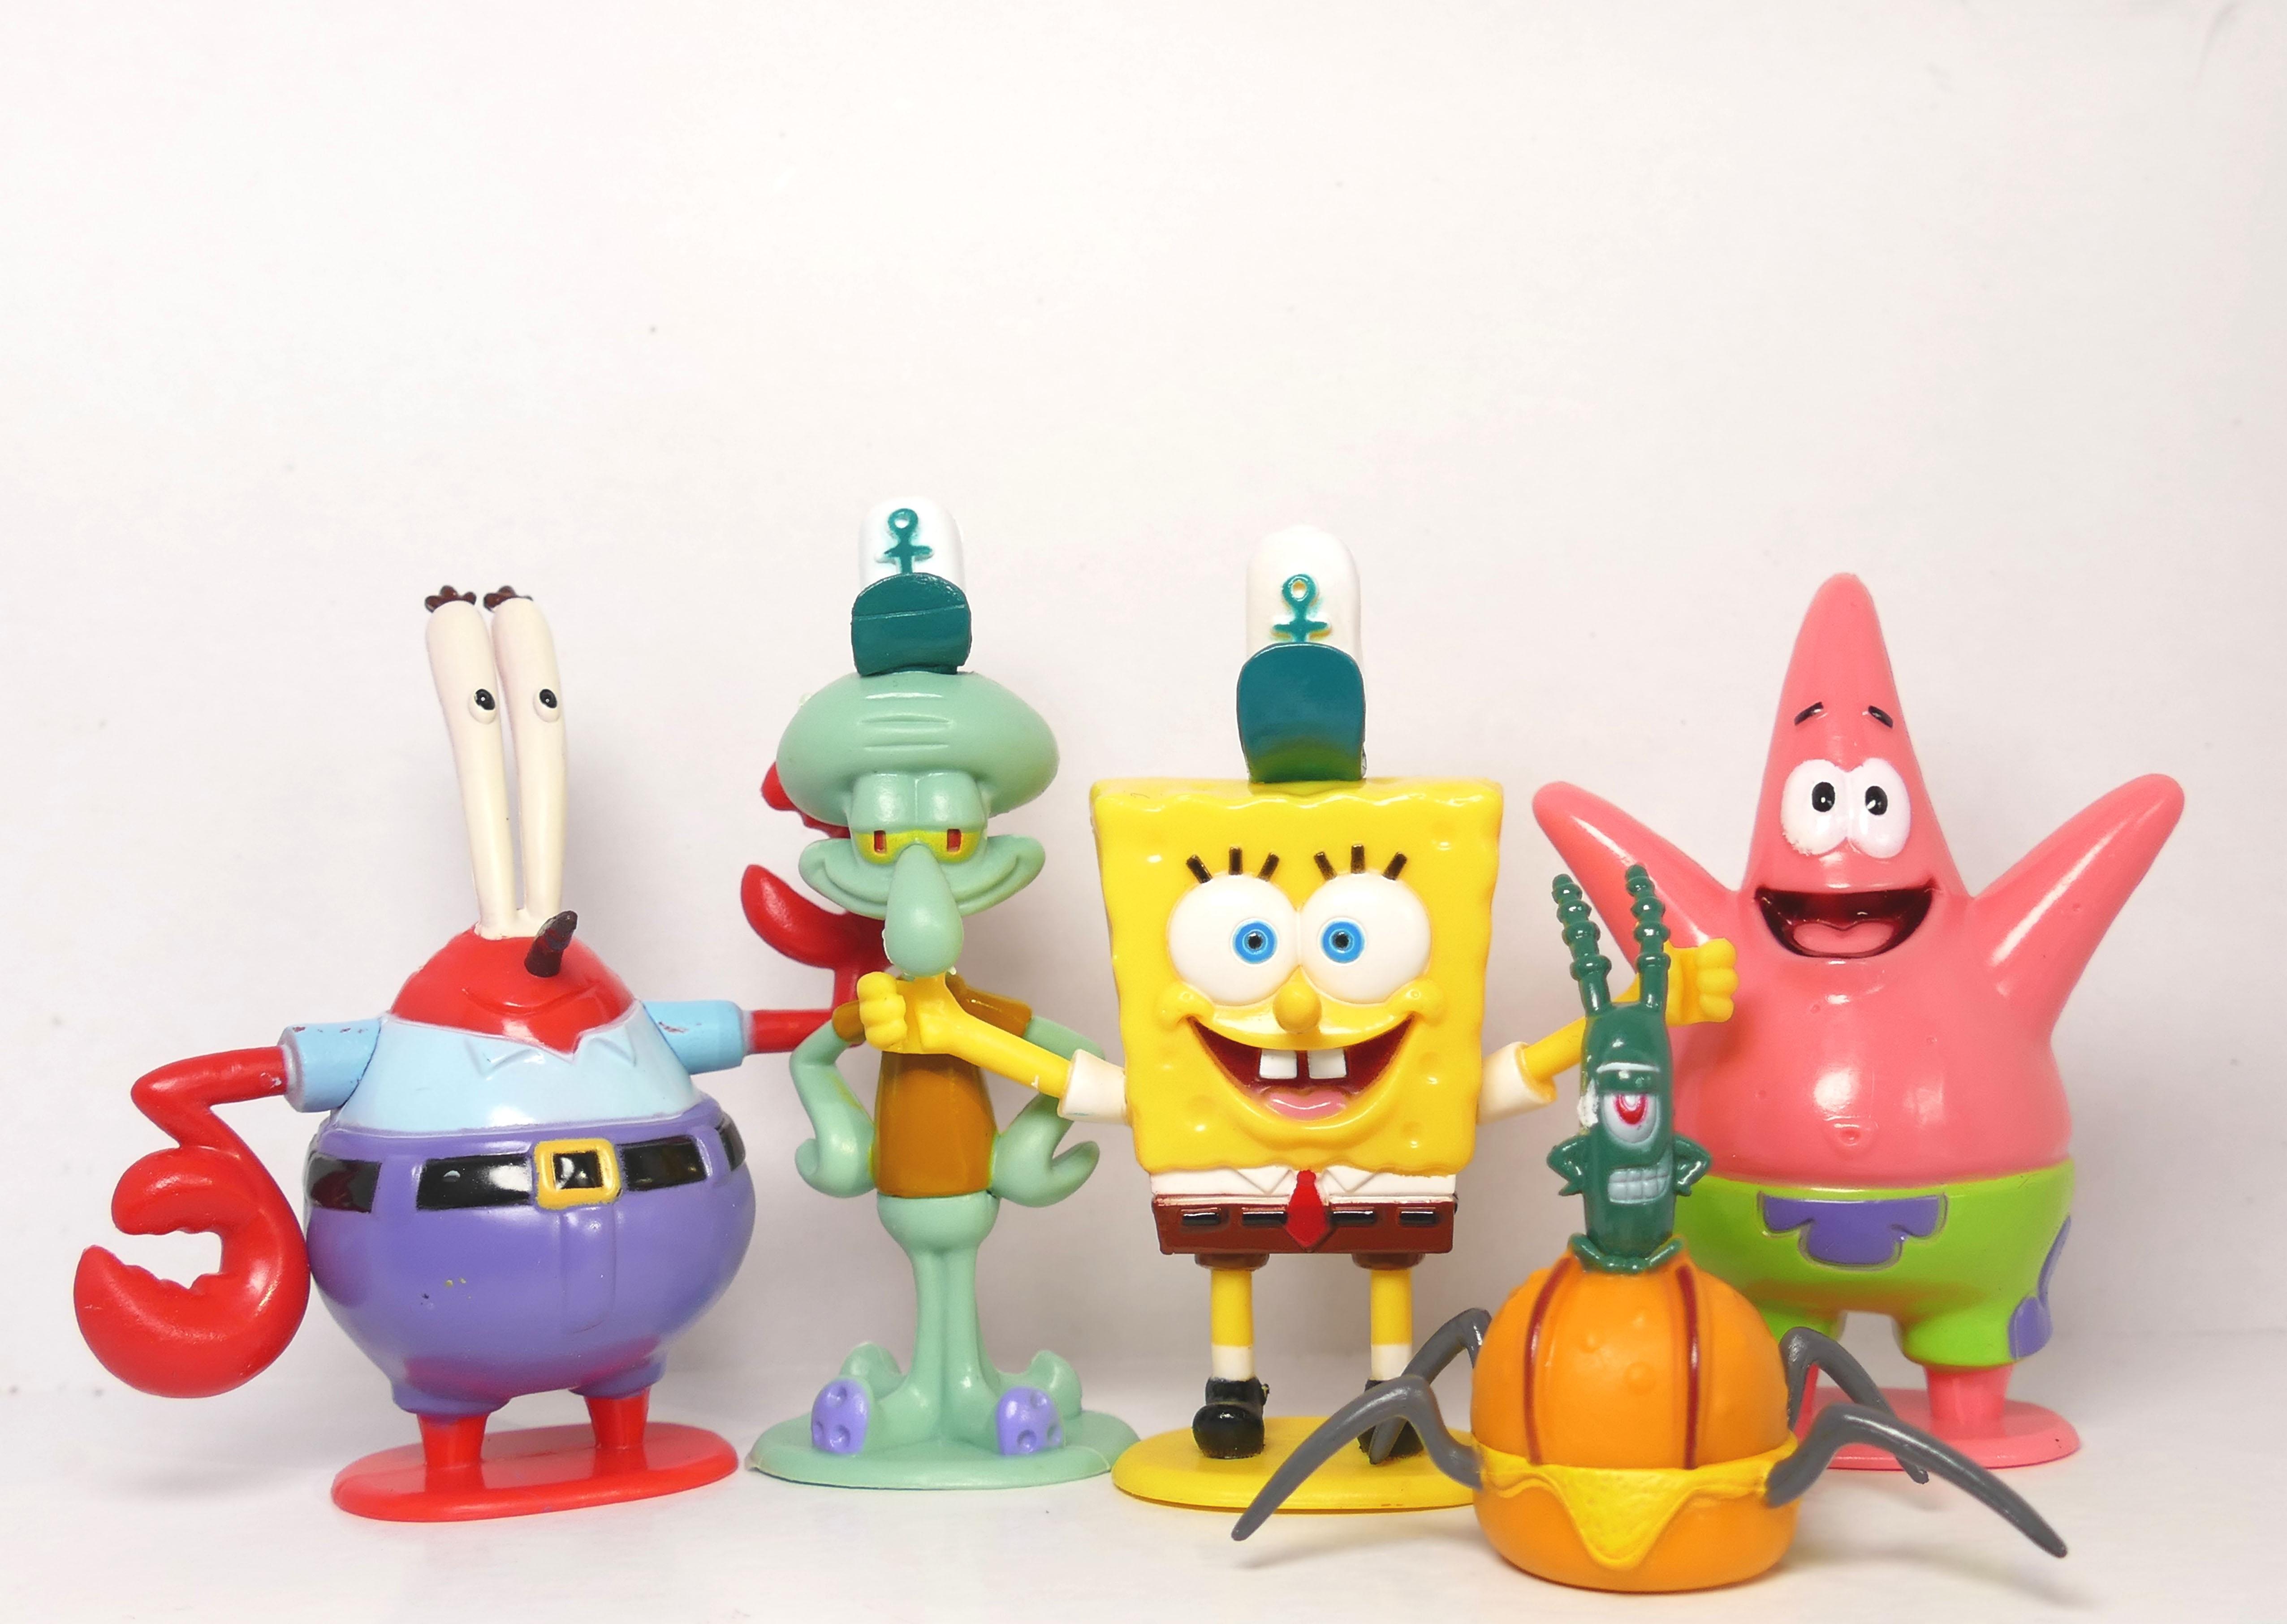 Gambar Bermain Menunjukkan Televisi Waktu Luang Mainan